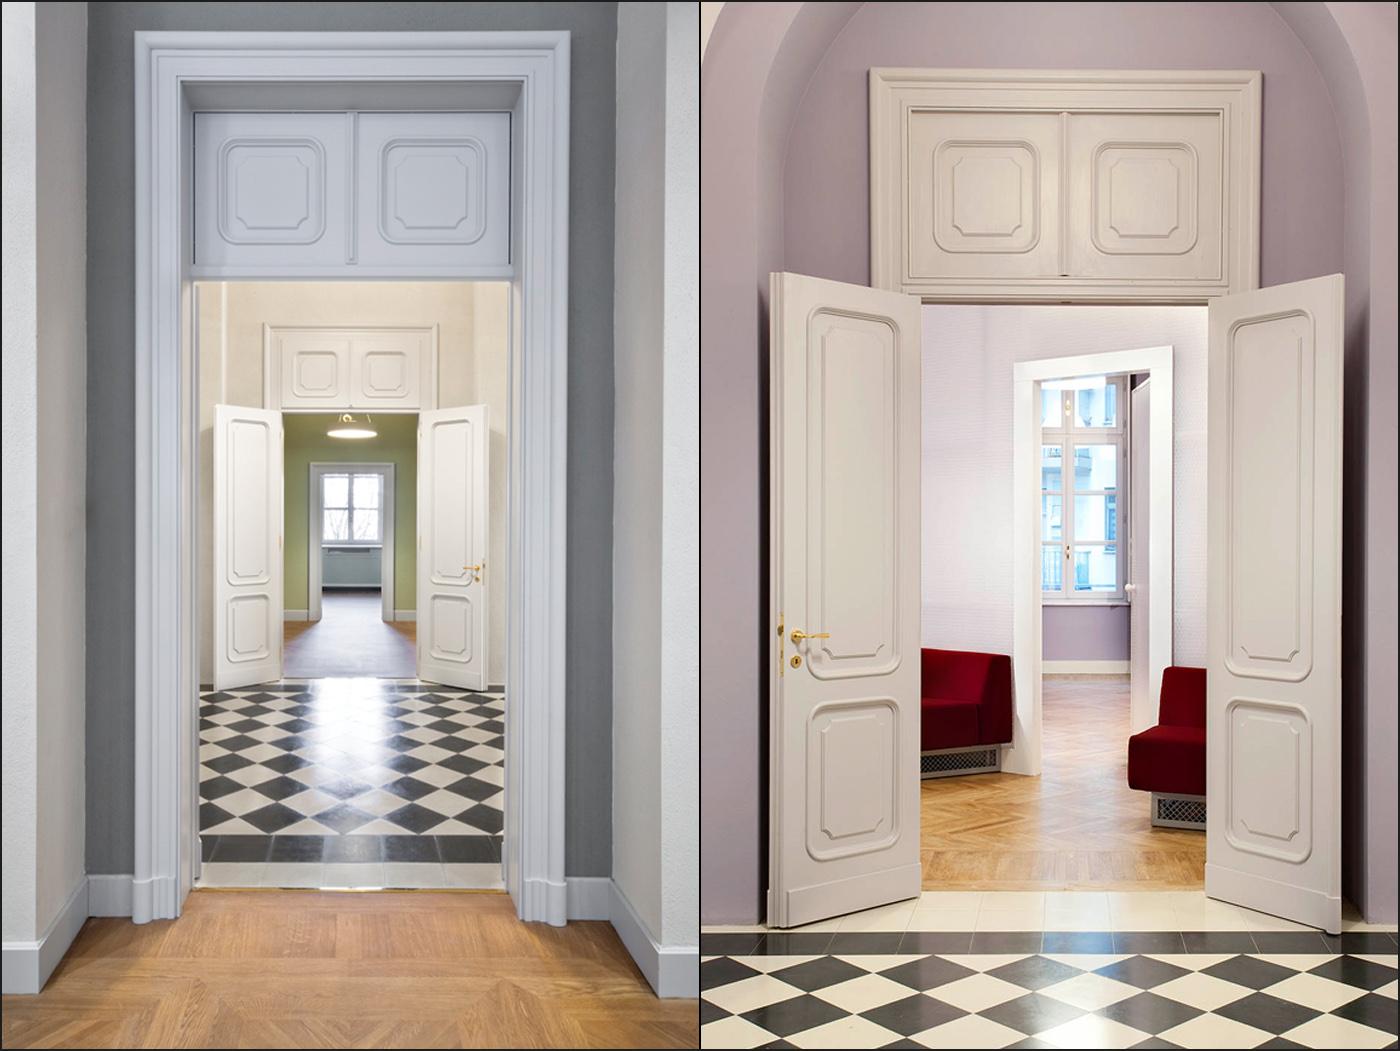 Restauro e trasformazione in uffici di un palazzo ottocentesco. Le soglie tra corridoi e stanze| Bottega di Architettura